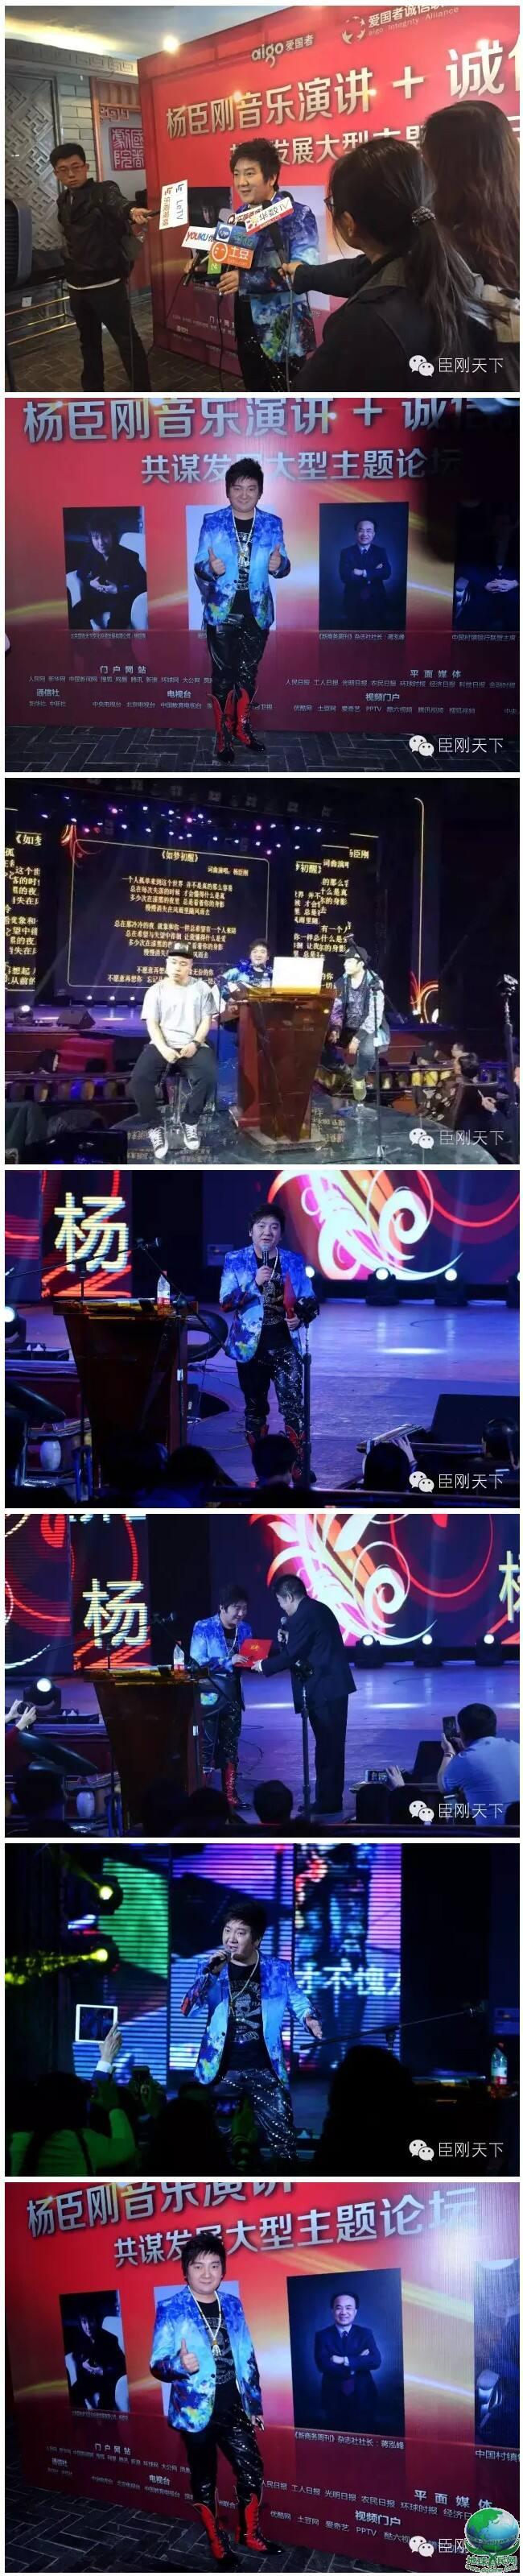 杨臣刚联手爱国者冯军 成立爱国诚信音乐联盟共创会